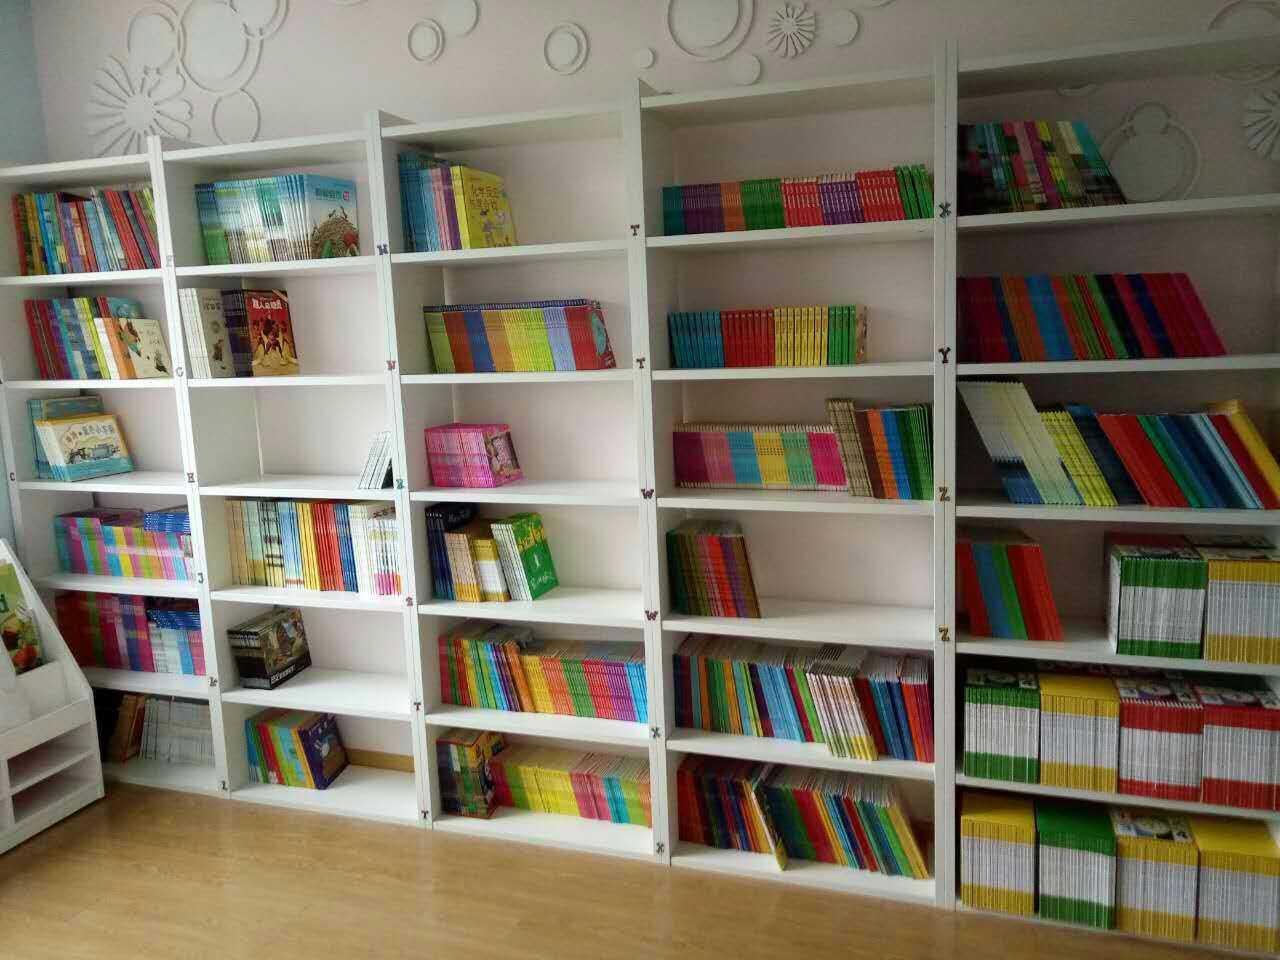 学校图书馆书架 早教中心展示柜 书店书柜置物柜 sj16042601-品源